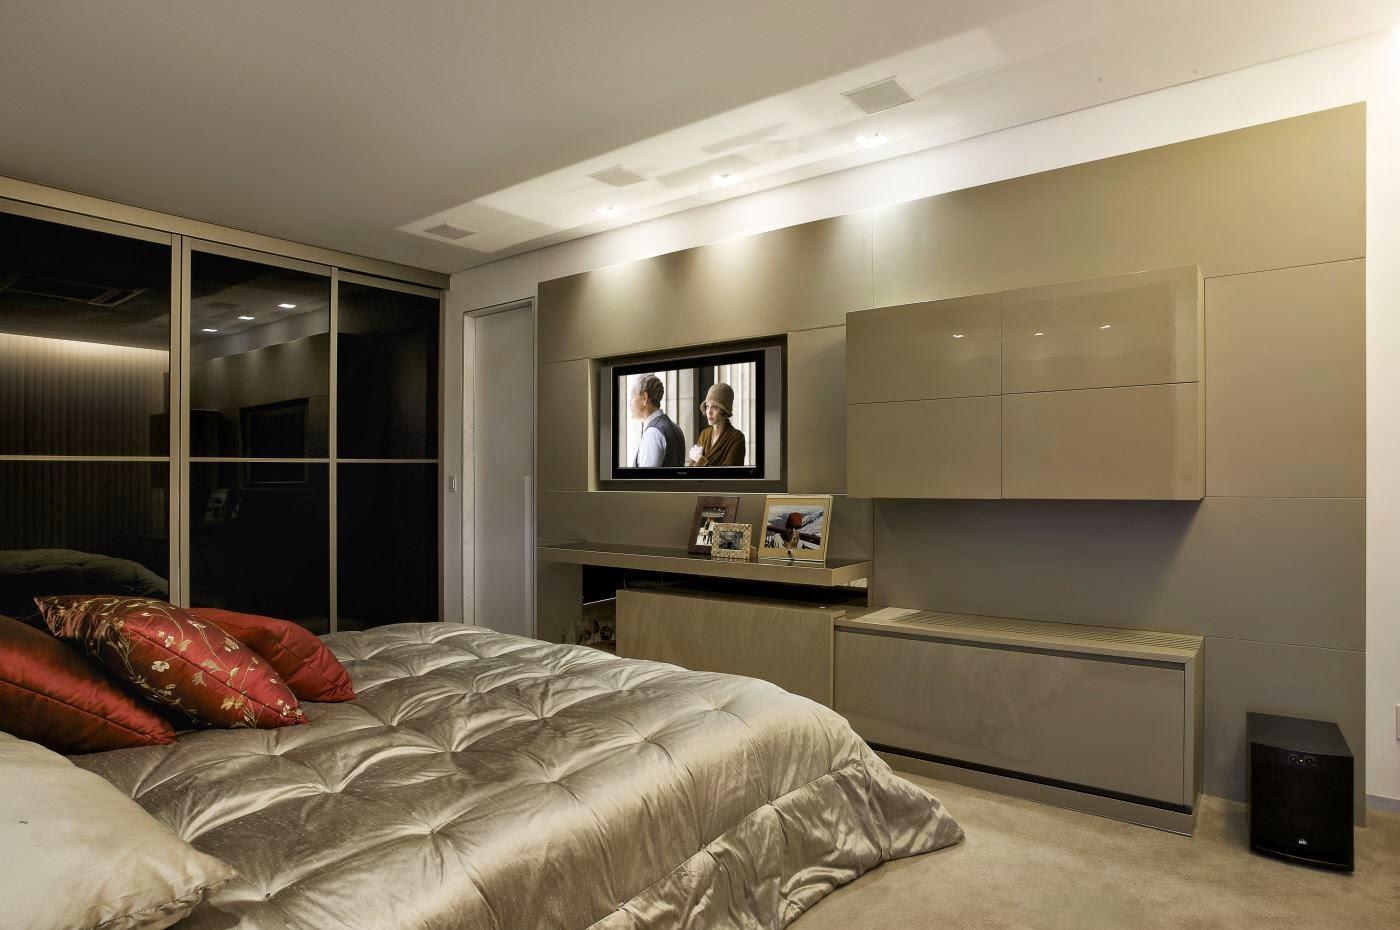 O painel da TV decora e leva movimento a parede do quarto.